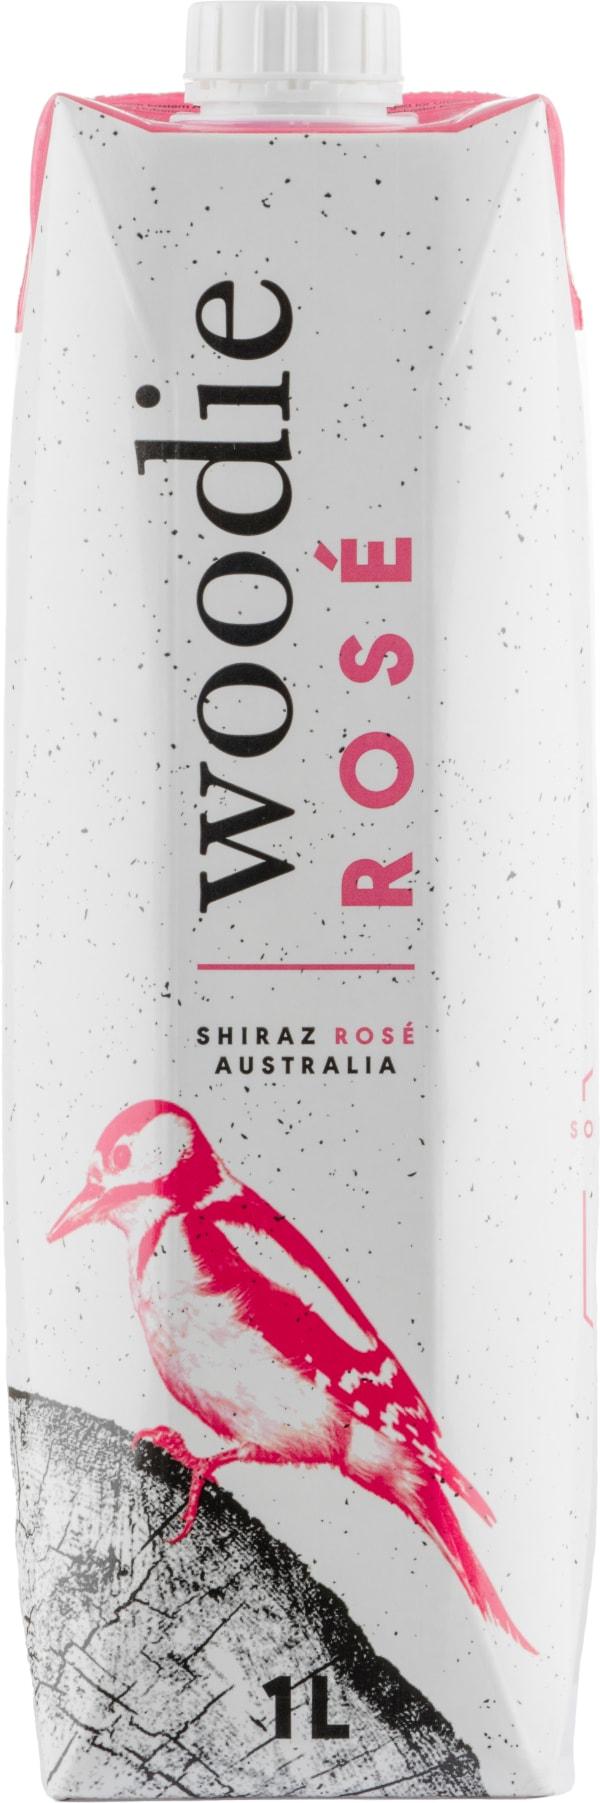 Woodie Rosé 2018 carton package